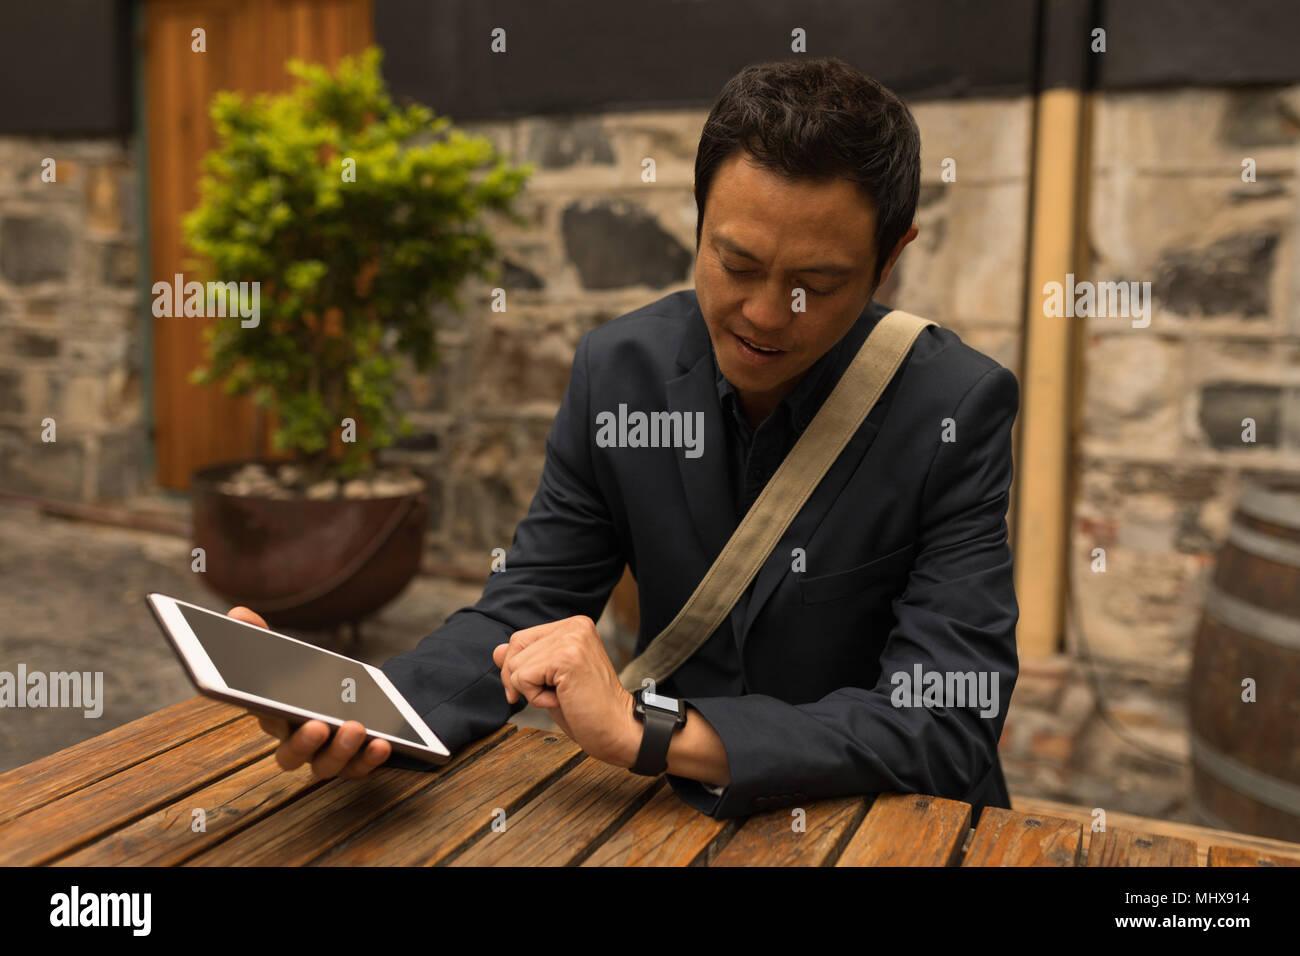 Unternehmer auf der Suche nach der Zukunft im Straßencafé Stockbild